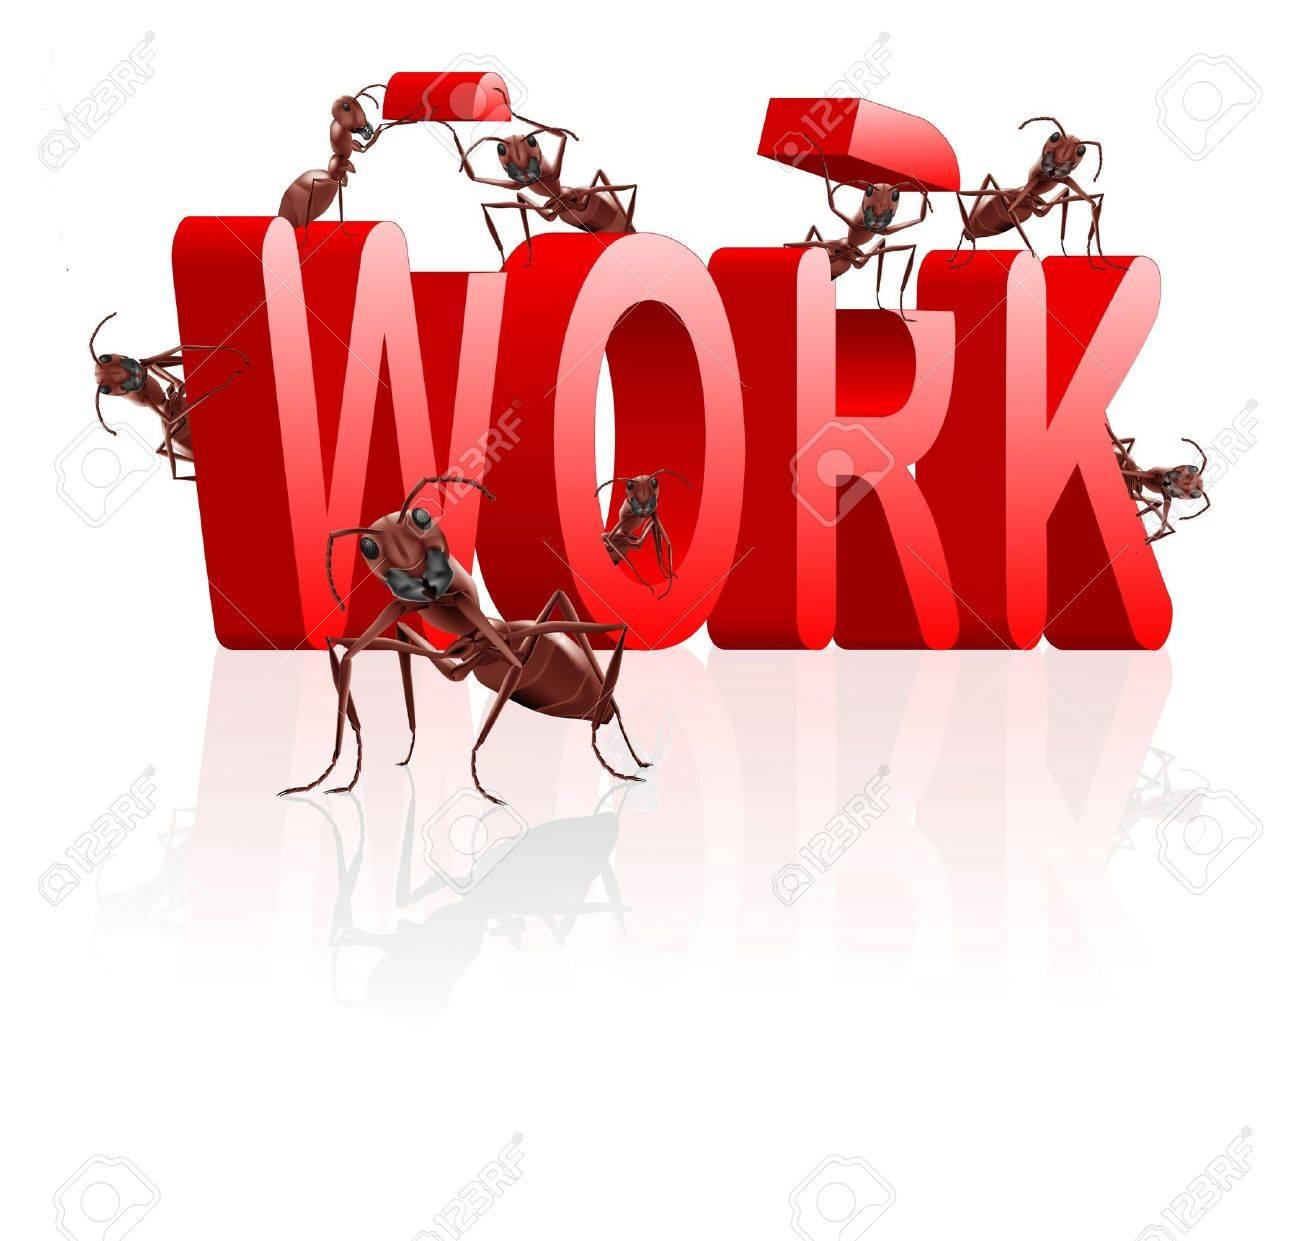 Employment work